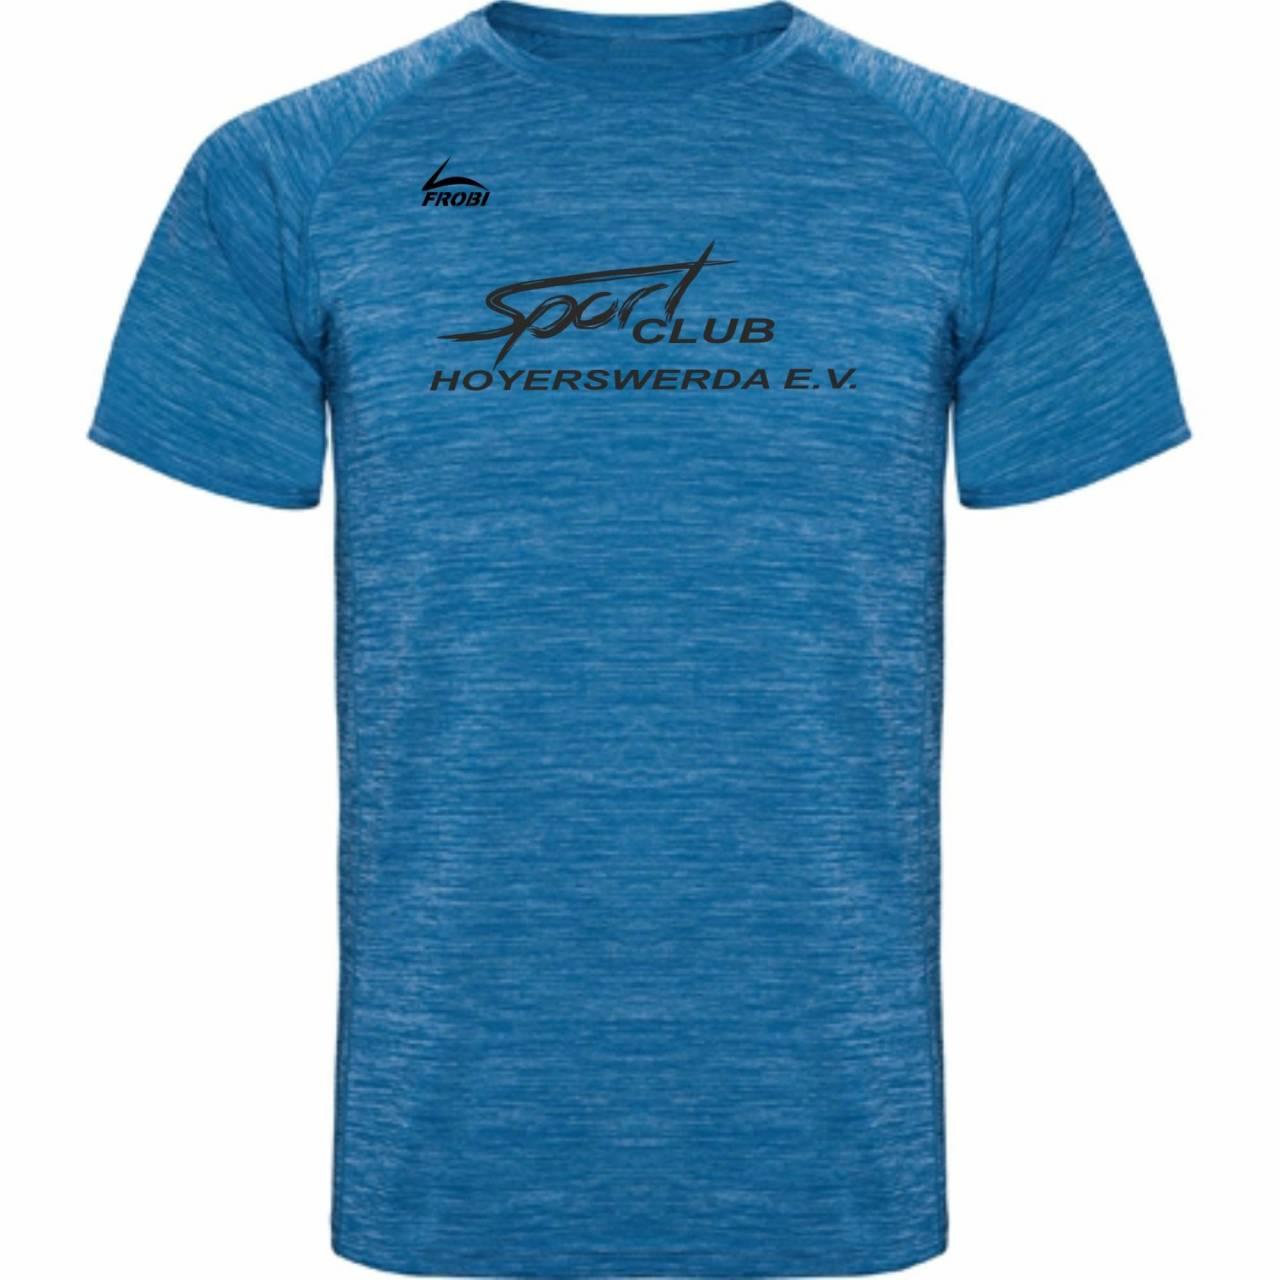 Funktions-Shirt Kansas - SC Hoyerswerda